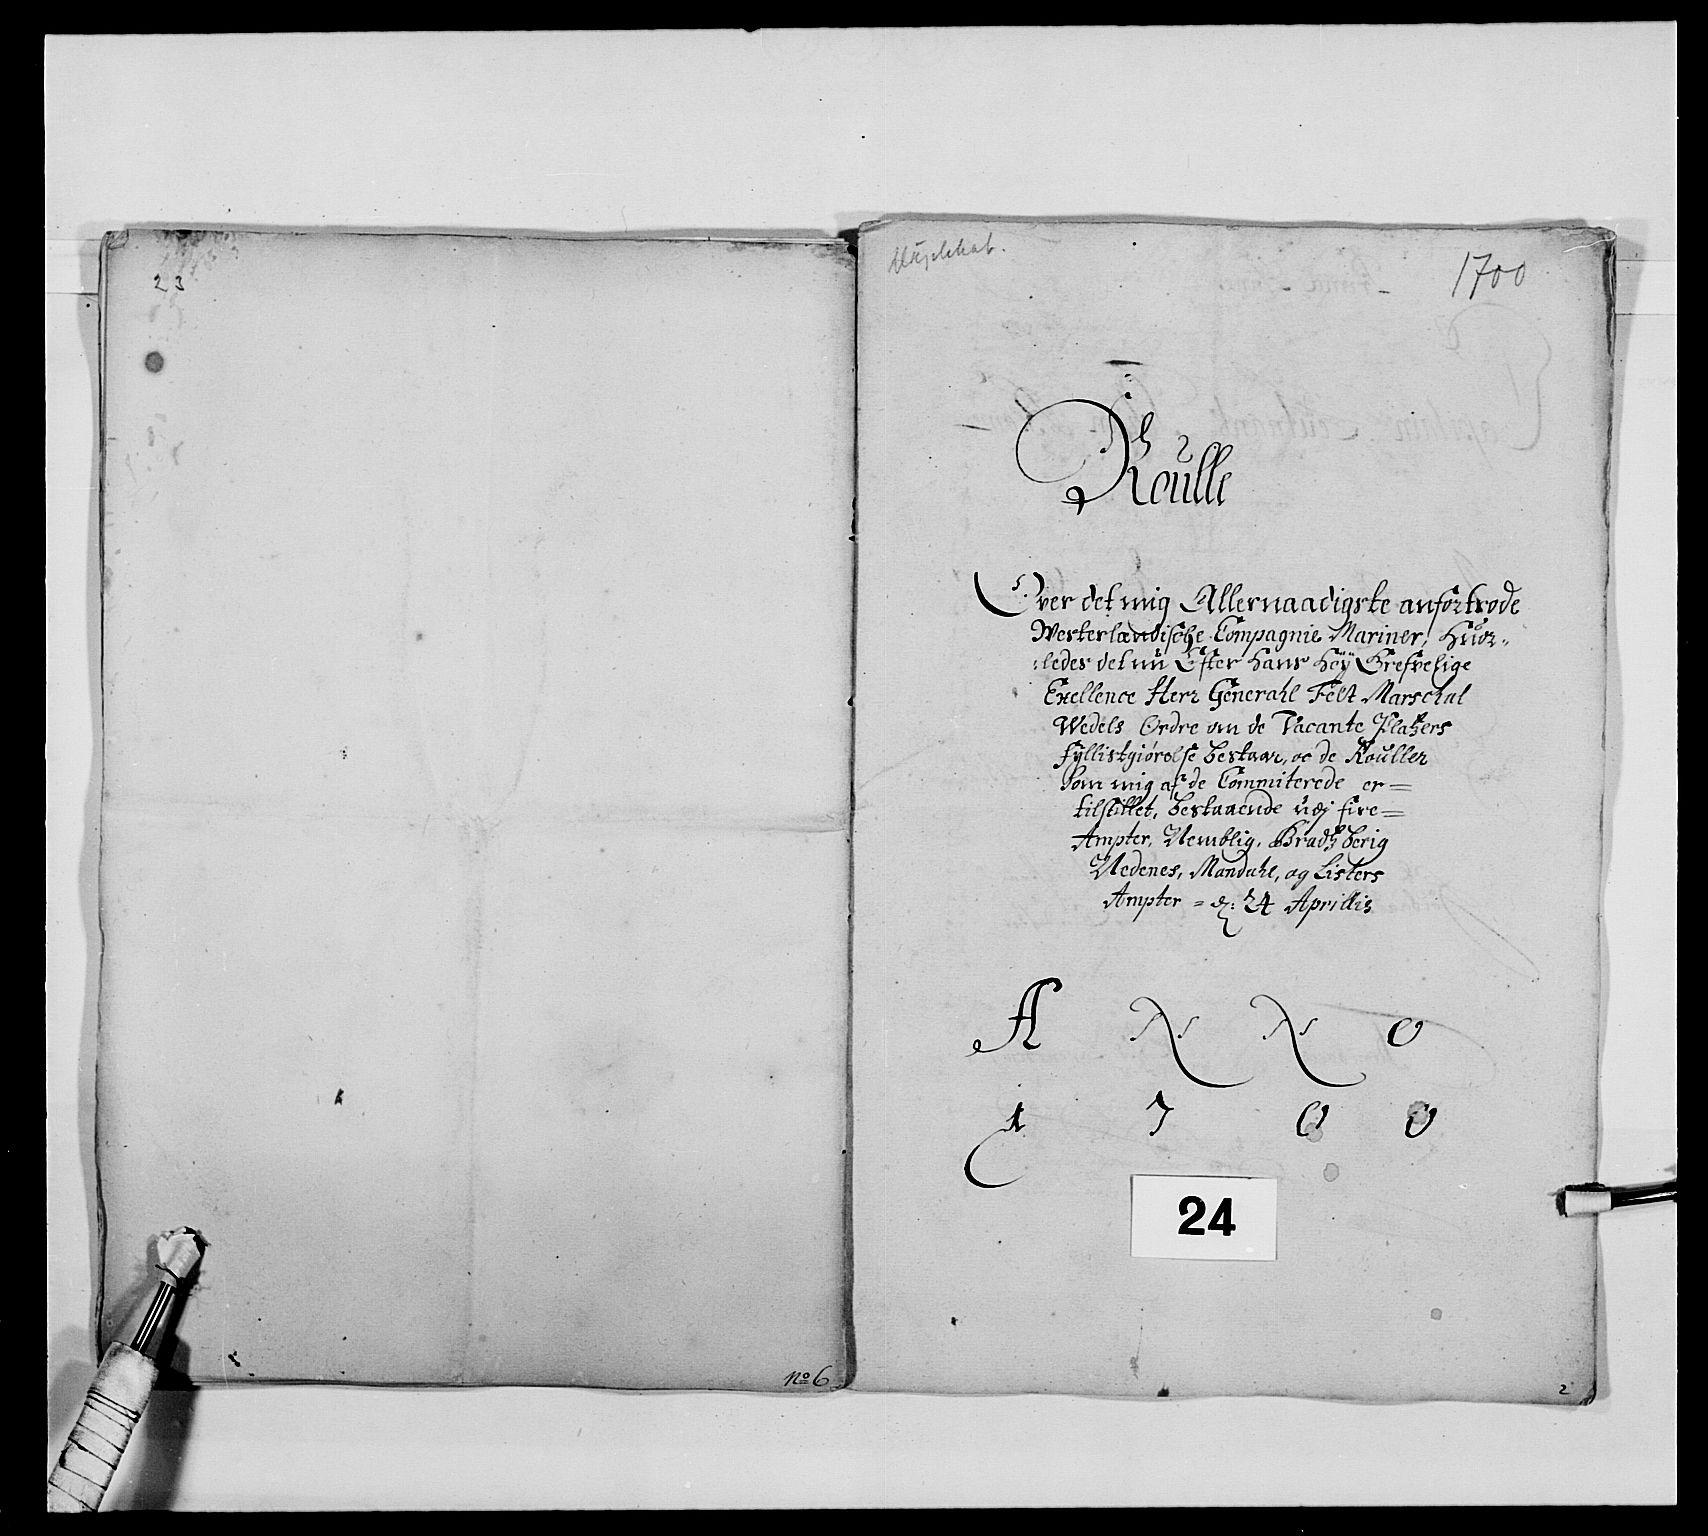 RA, Kommanderende general (KG I) med Det norske krigsdirektorium, E/Ea/L0473: Marineregimentet, 1664-1700, s. 281